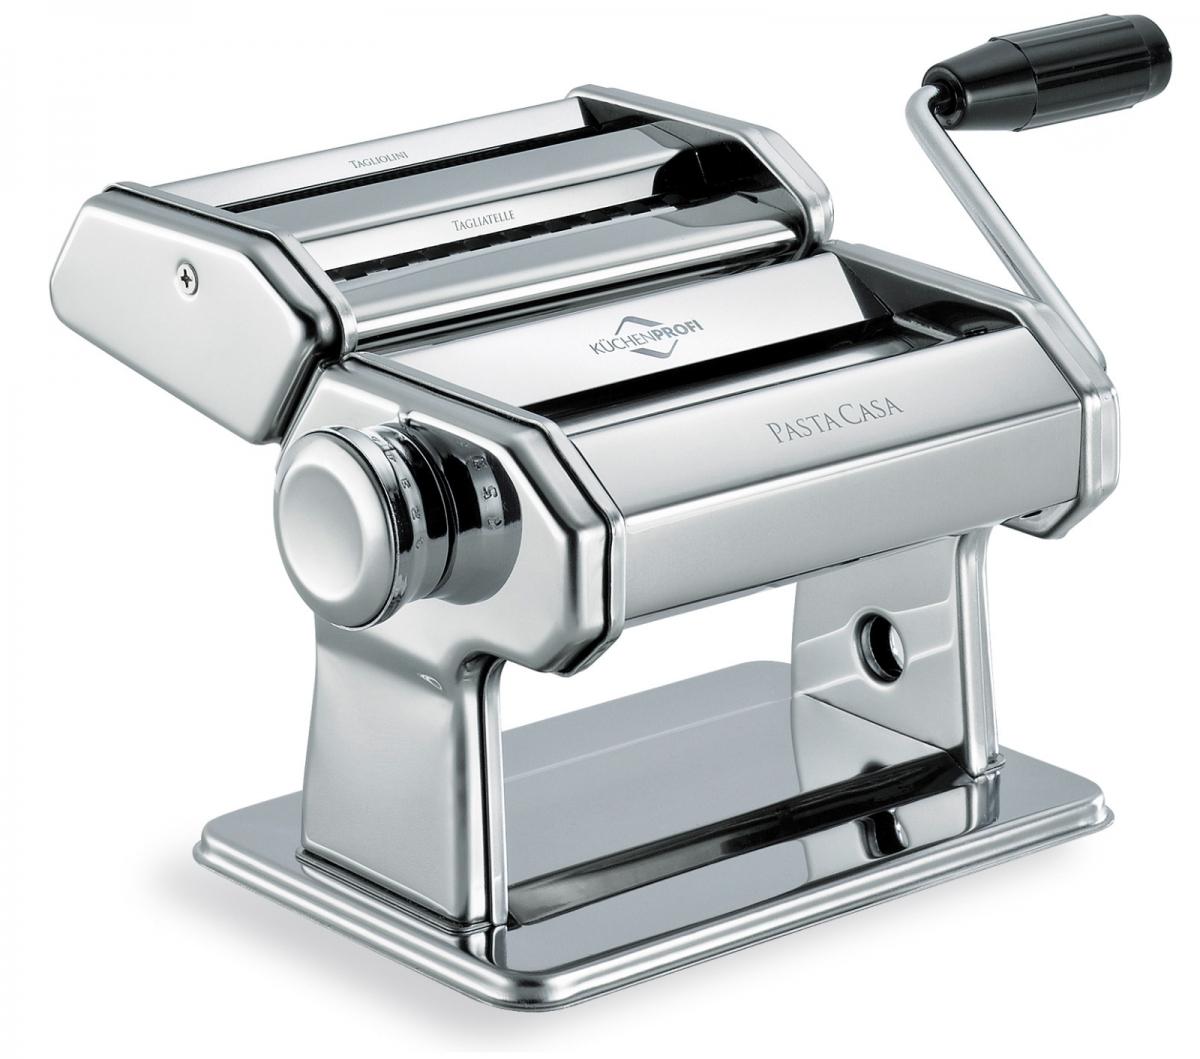 Küchenprofi strojek na těstoviny a nudle 150 PASTACASA